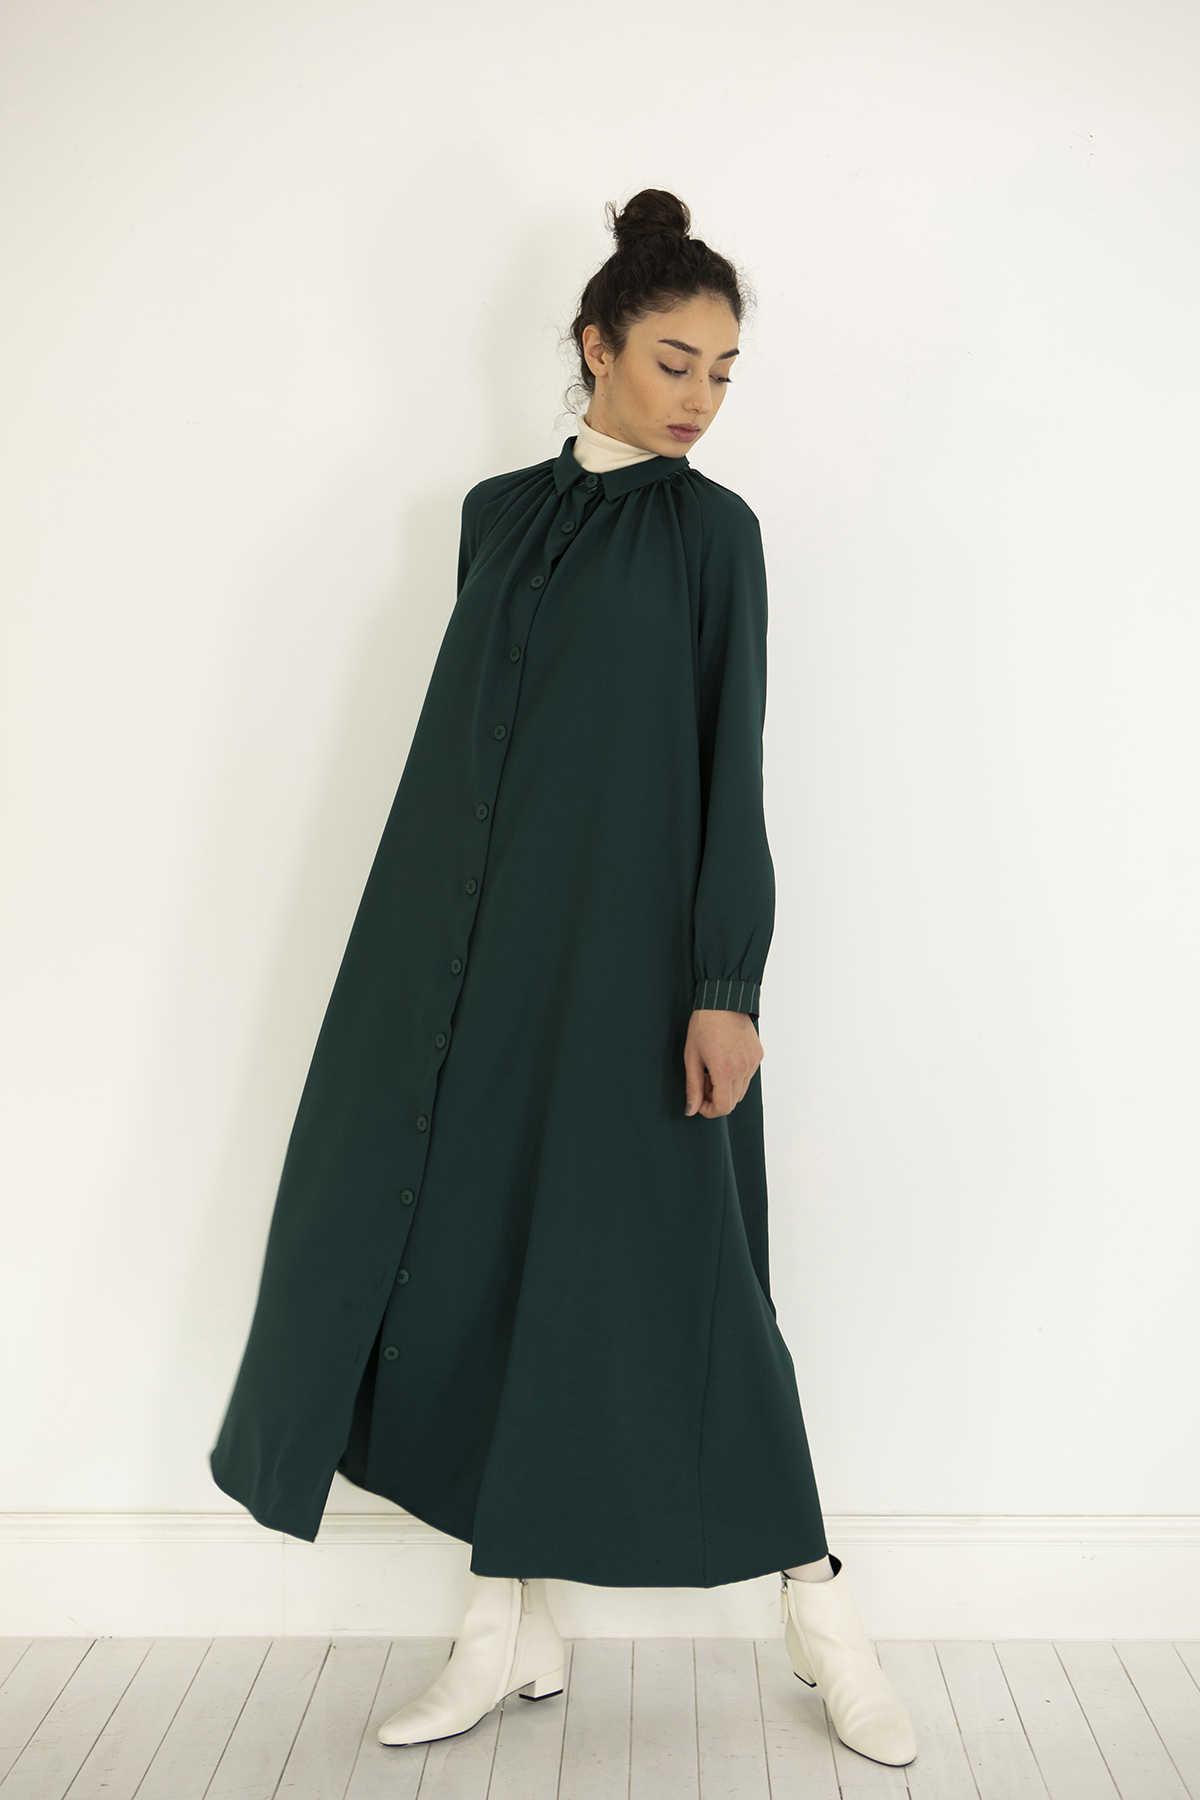 Kuaybe Gider - Kuaybe Gider Yeşil Elbise 2100